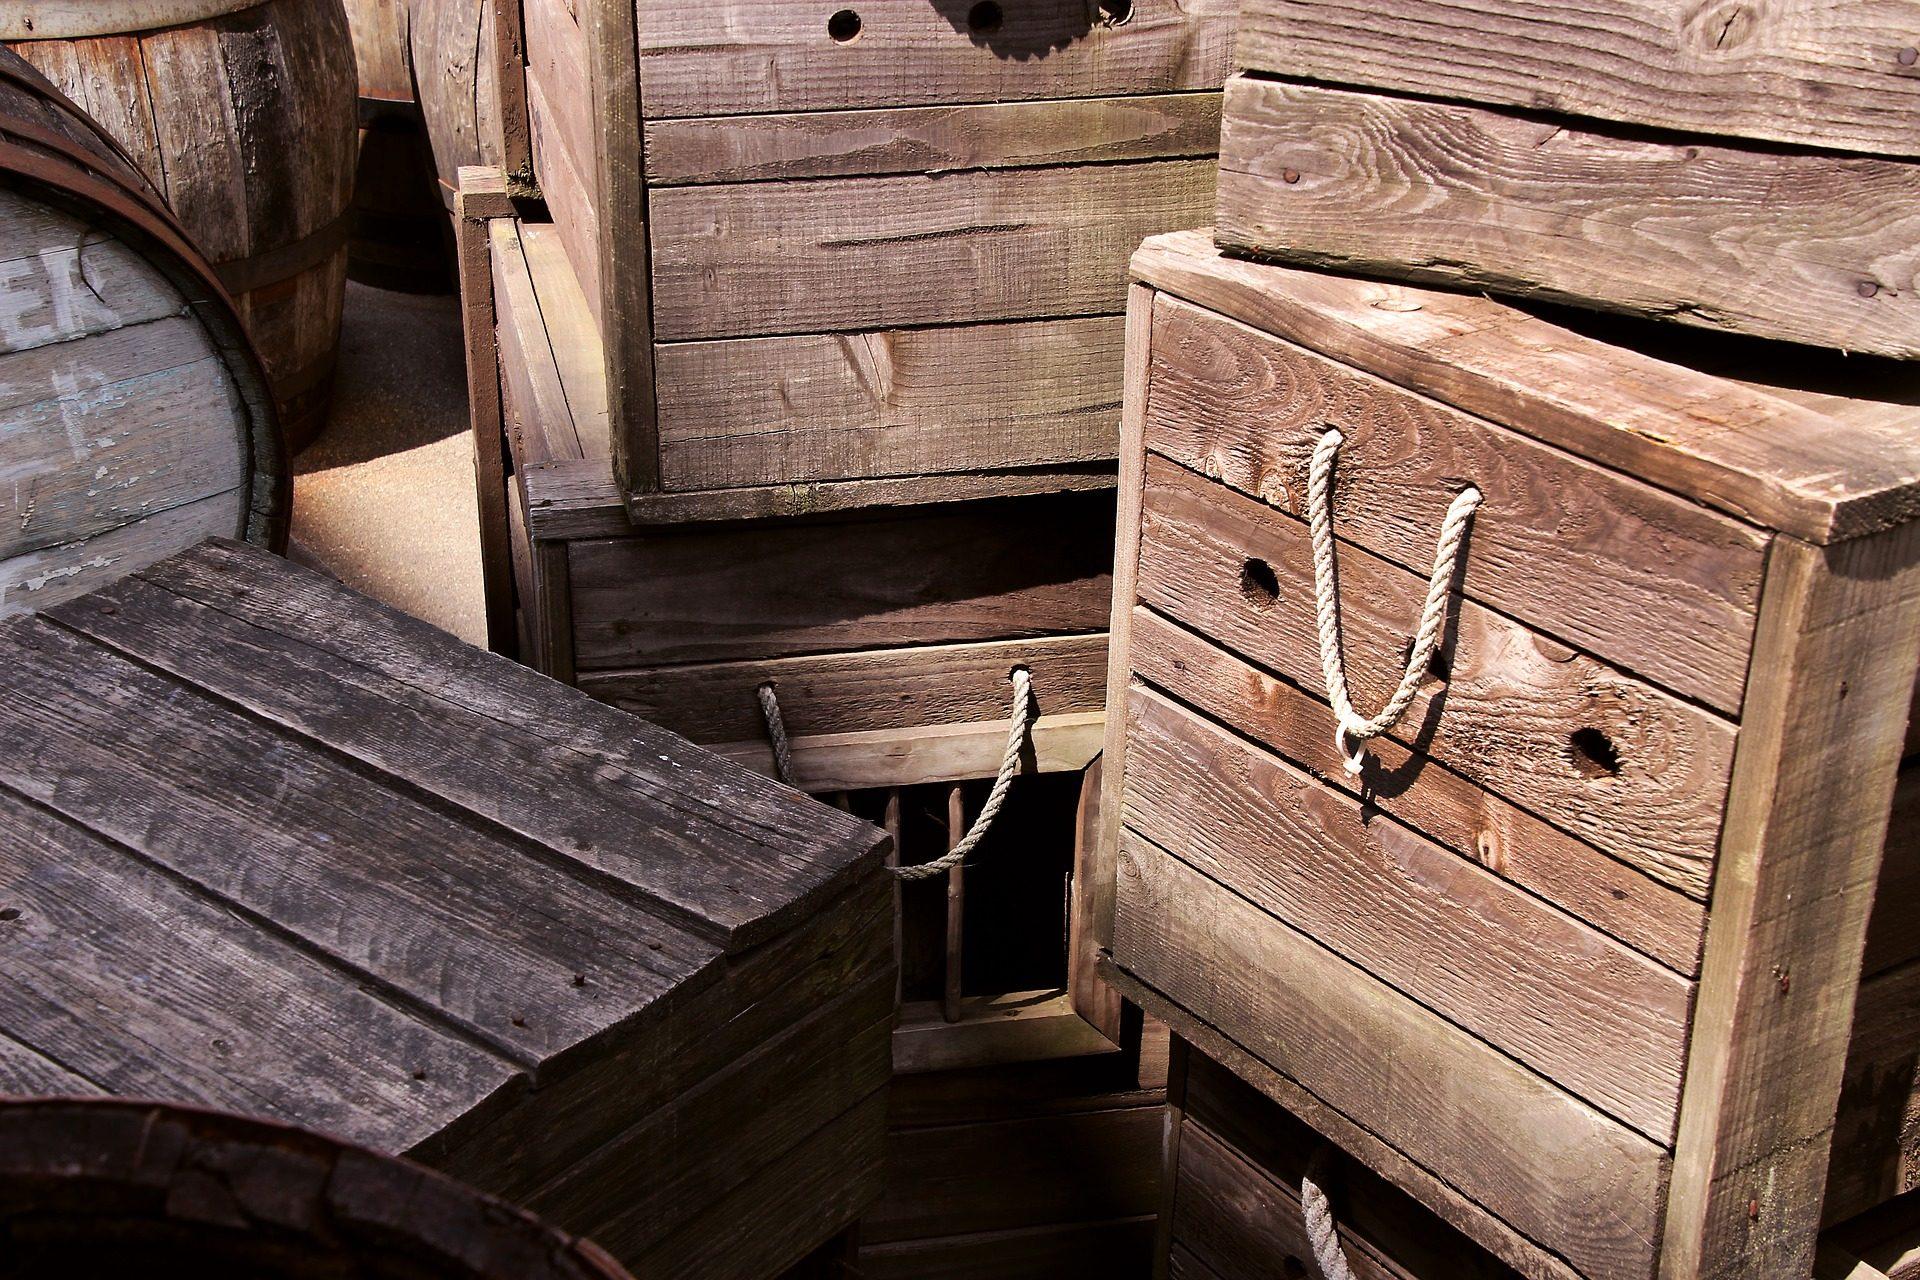 框, 木材, 树干, 桶, 绳子 - 高清壁纸 - 教授-falken.com